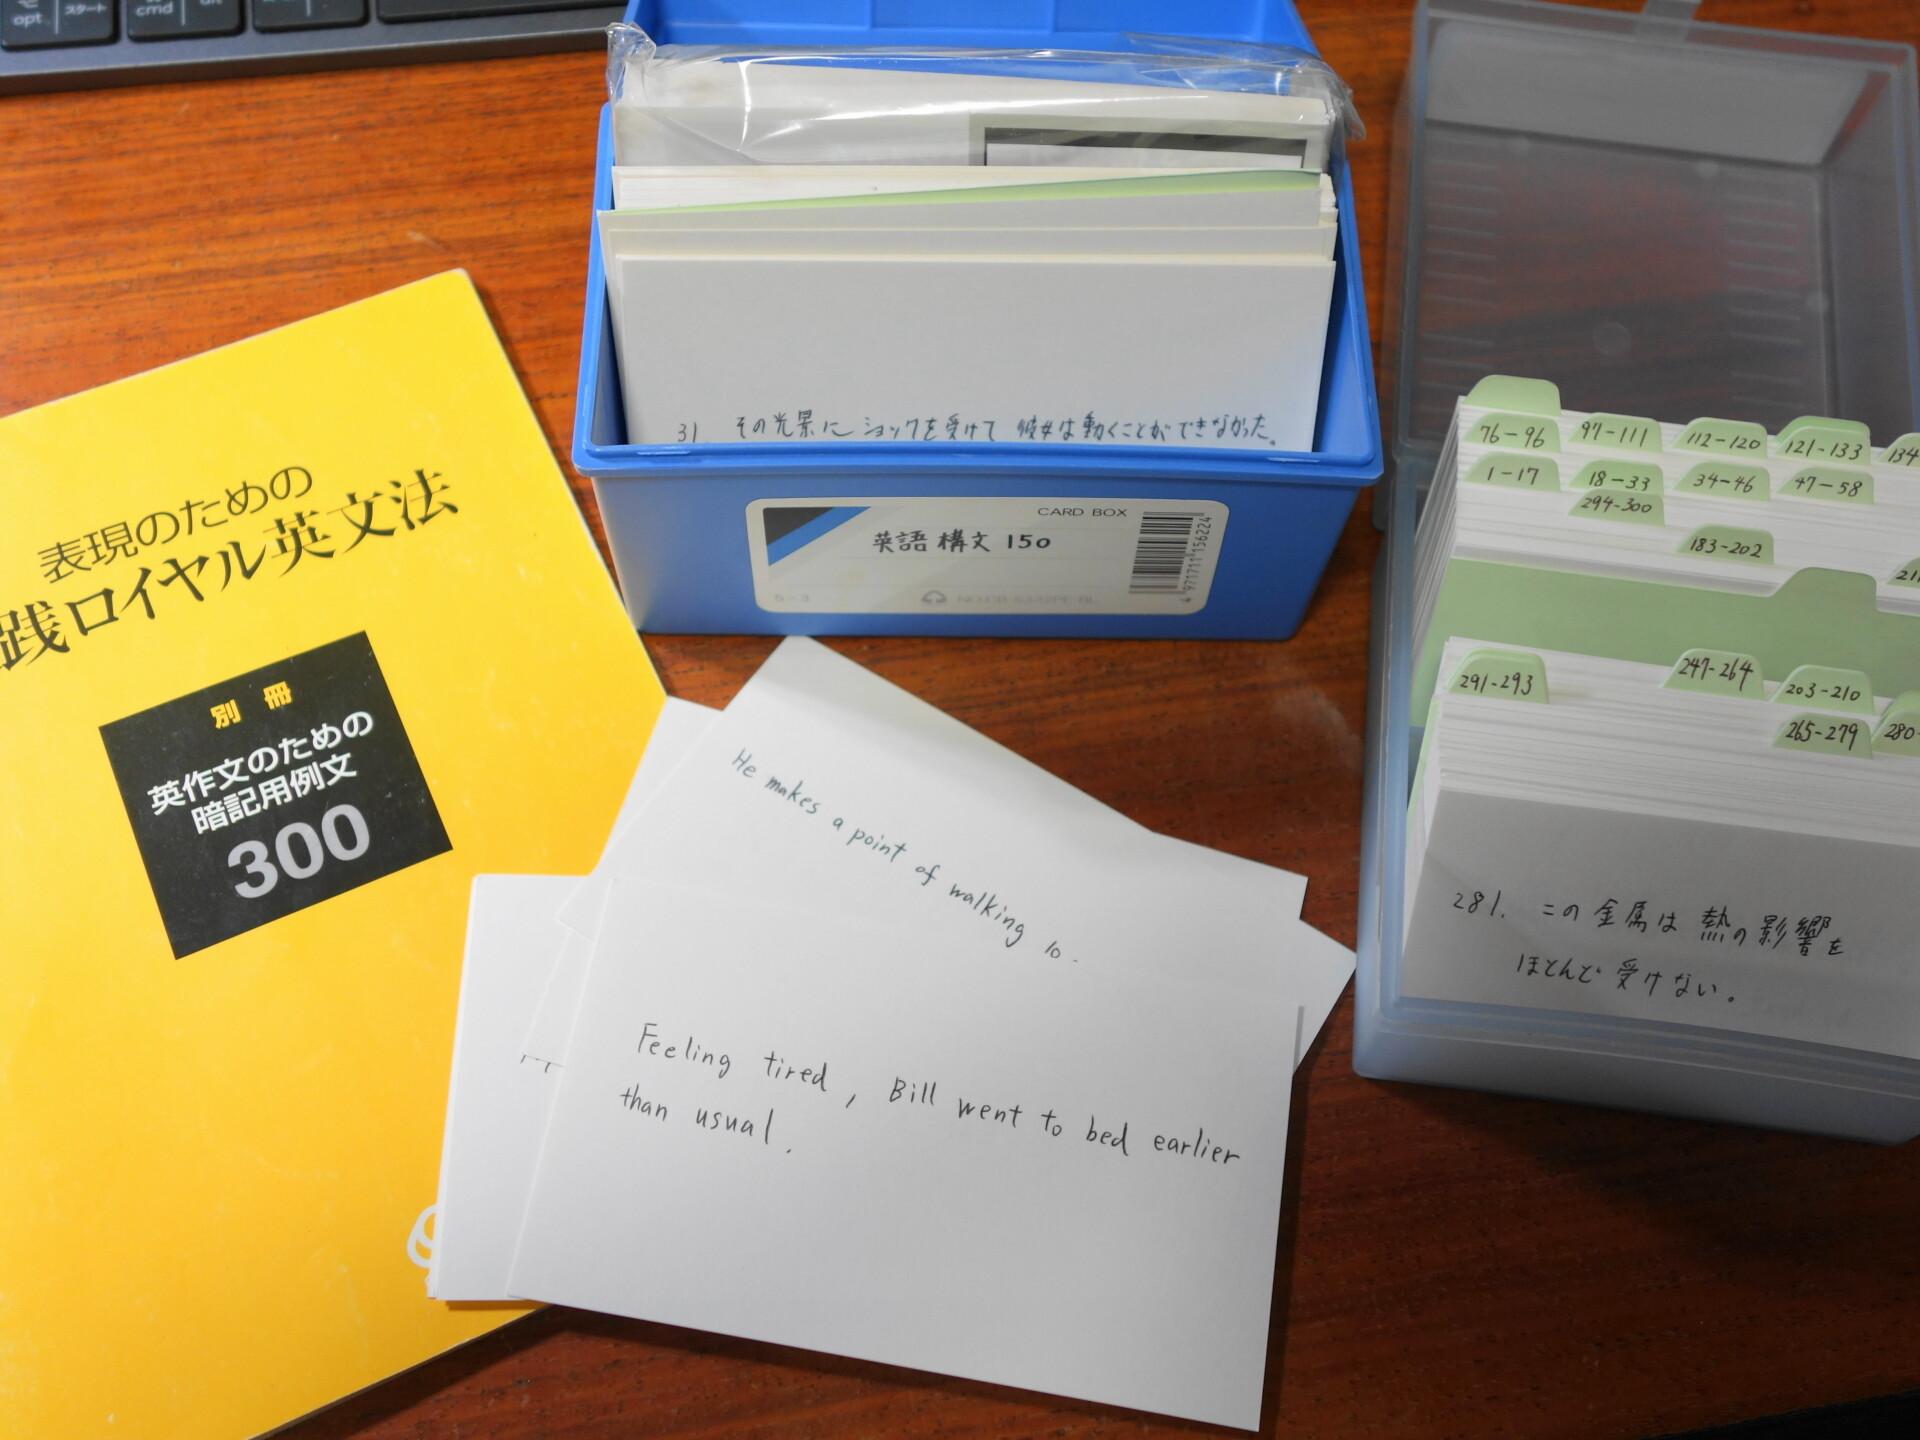 英語例文暗記用の情報カード